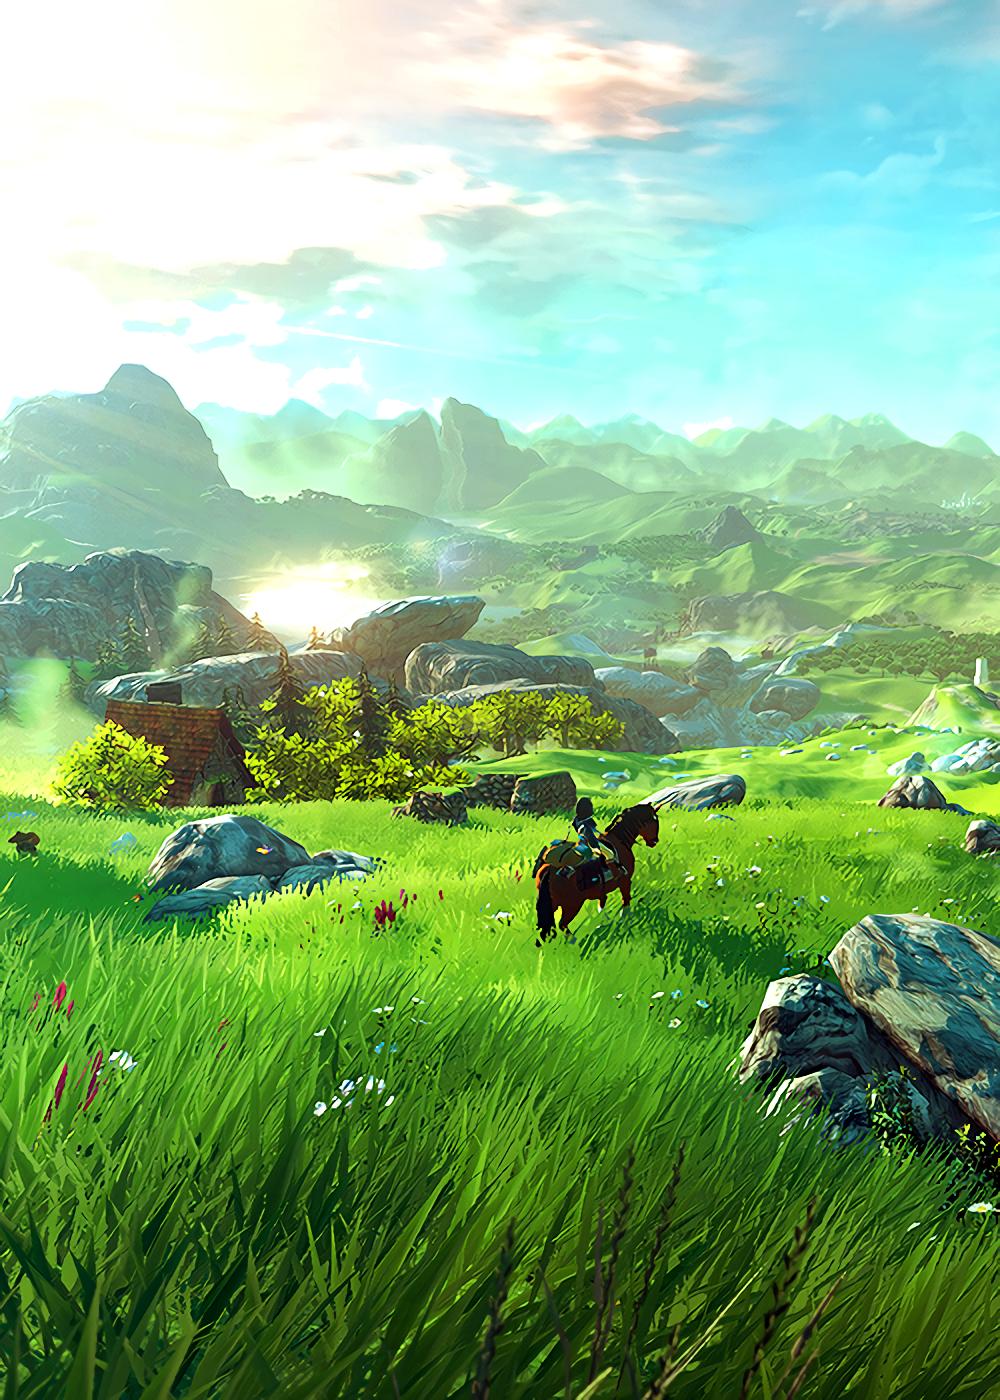 Two Zelda BotW mobile wallpapers | News of video game | Botw zelda, Legend of zelda e Zelda